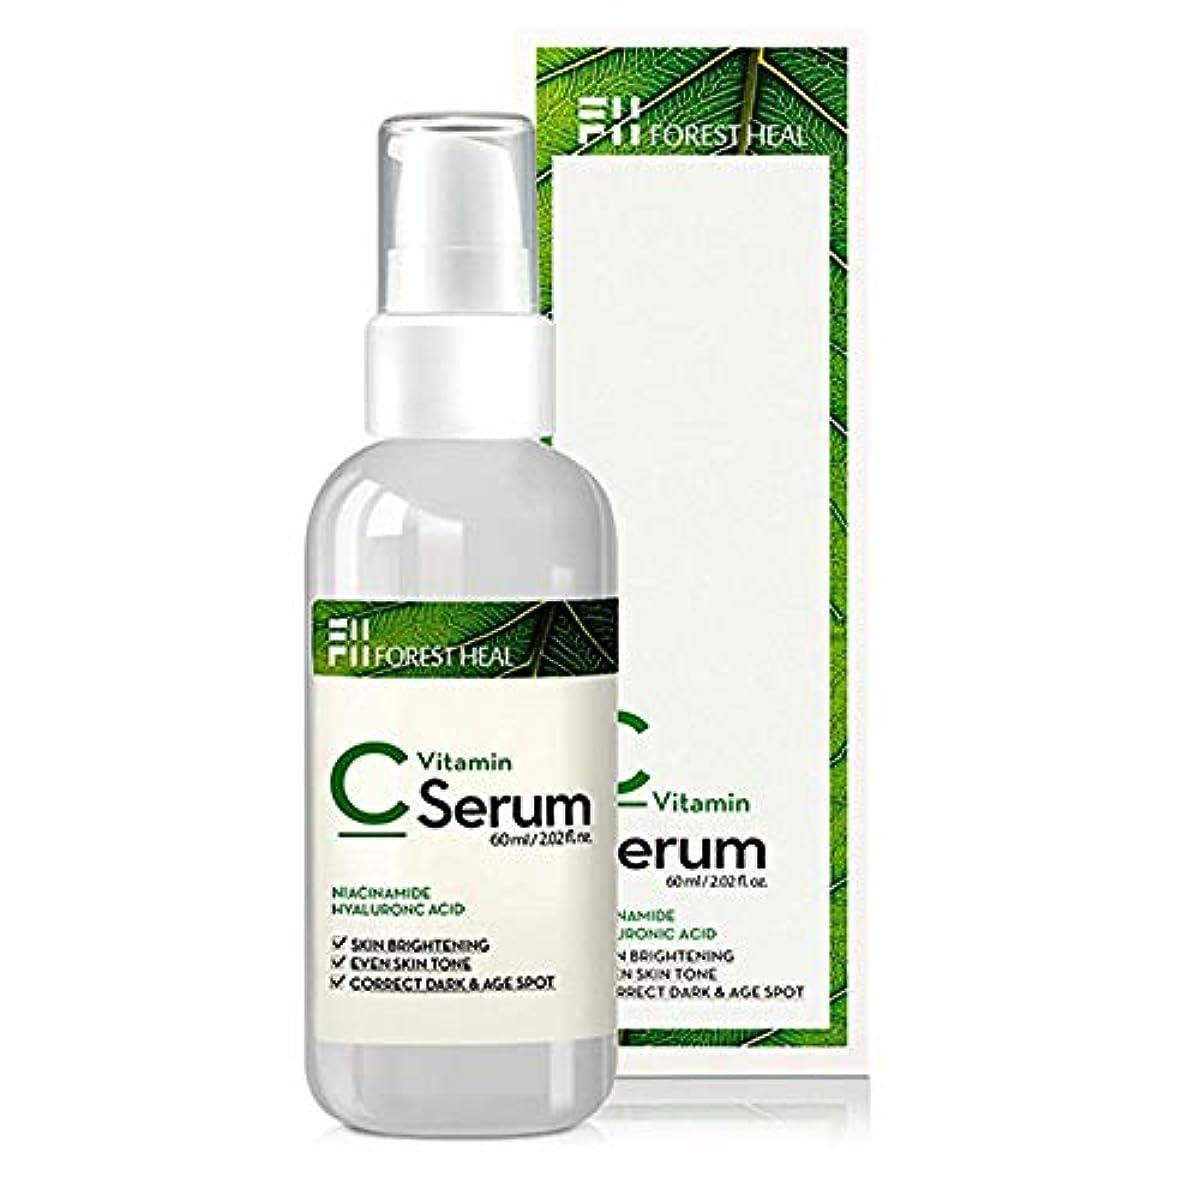 汚いウェブ哀れなフォレストヒール Cセラム FOREST HEAL VITAMIN C Serum オーガニック ビタミンセラム ビタミン美容液 肌トラブル改善 敏感肌 トラブル肌 ツヤ肌 すべすべ肌 透明感 美白 セラム 美容液